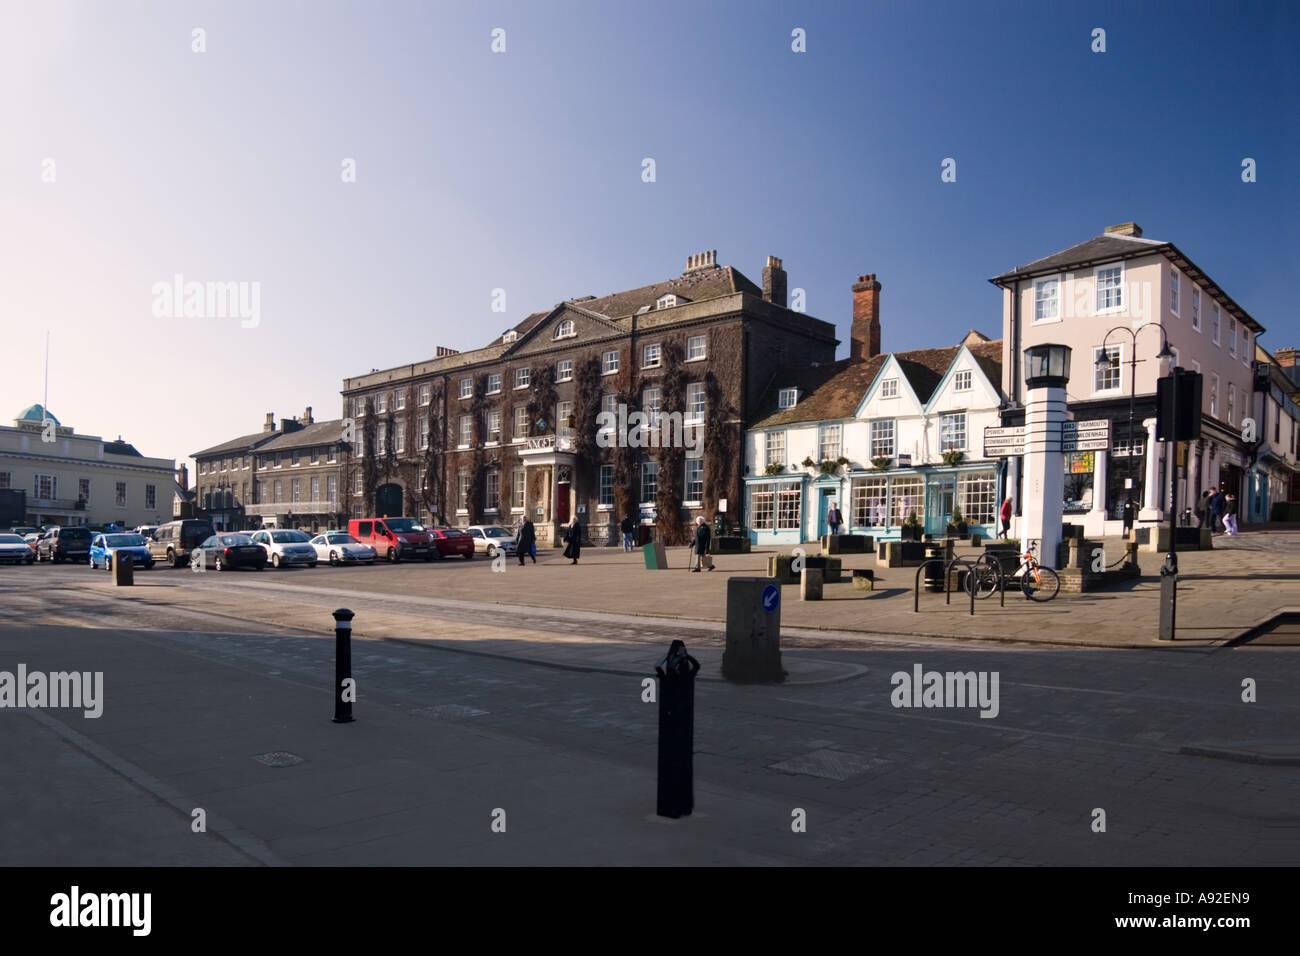 The Angel Hotel Bury St Edmunds Suffolk England UK - Stock Image